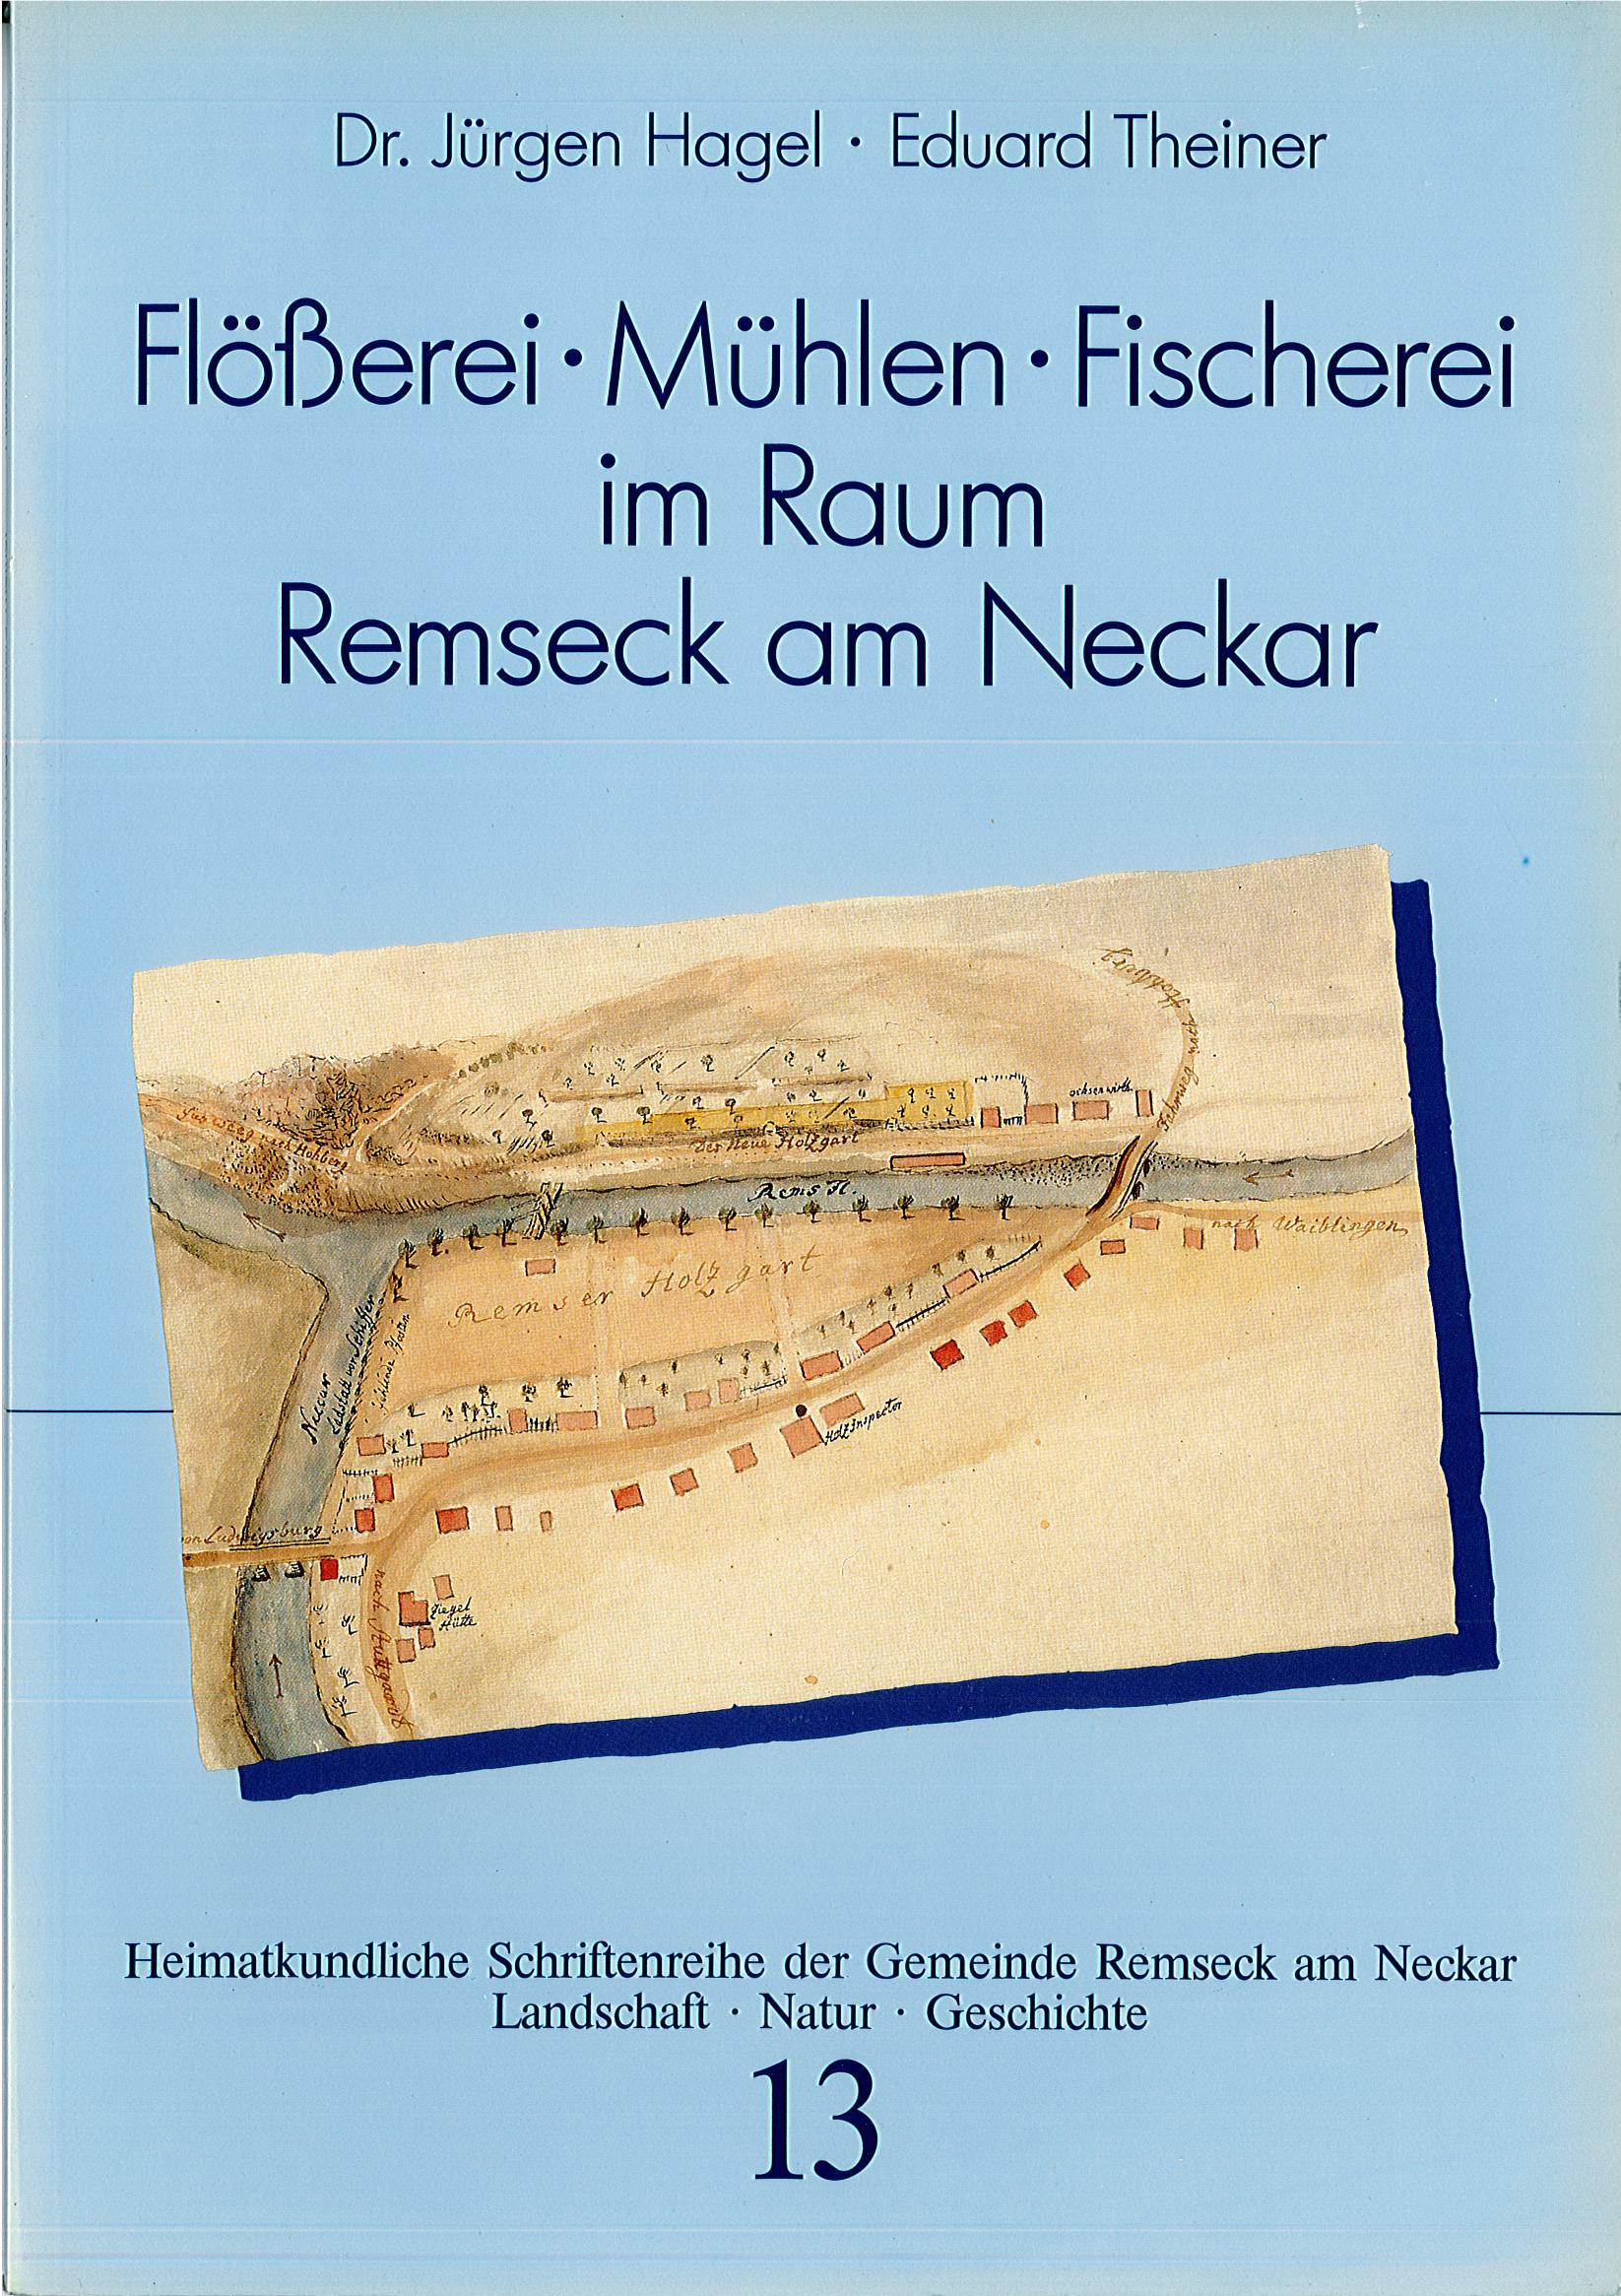 Dr. Jürgen Hagel/Eduard Theiner: Flößerei, Mühlen, Fischerei im Raum Remseck am Neckar (Heimatkundliche Schriftenreihe, Band 13)